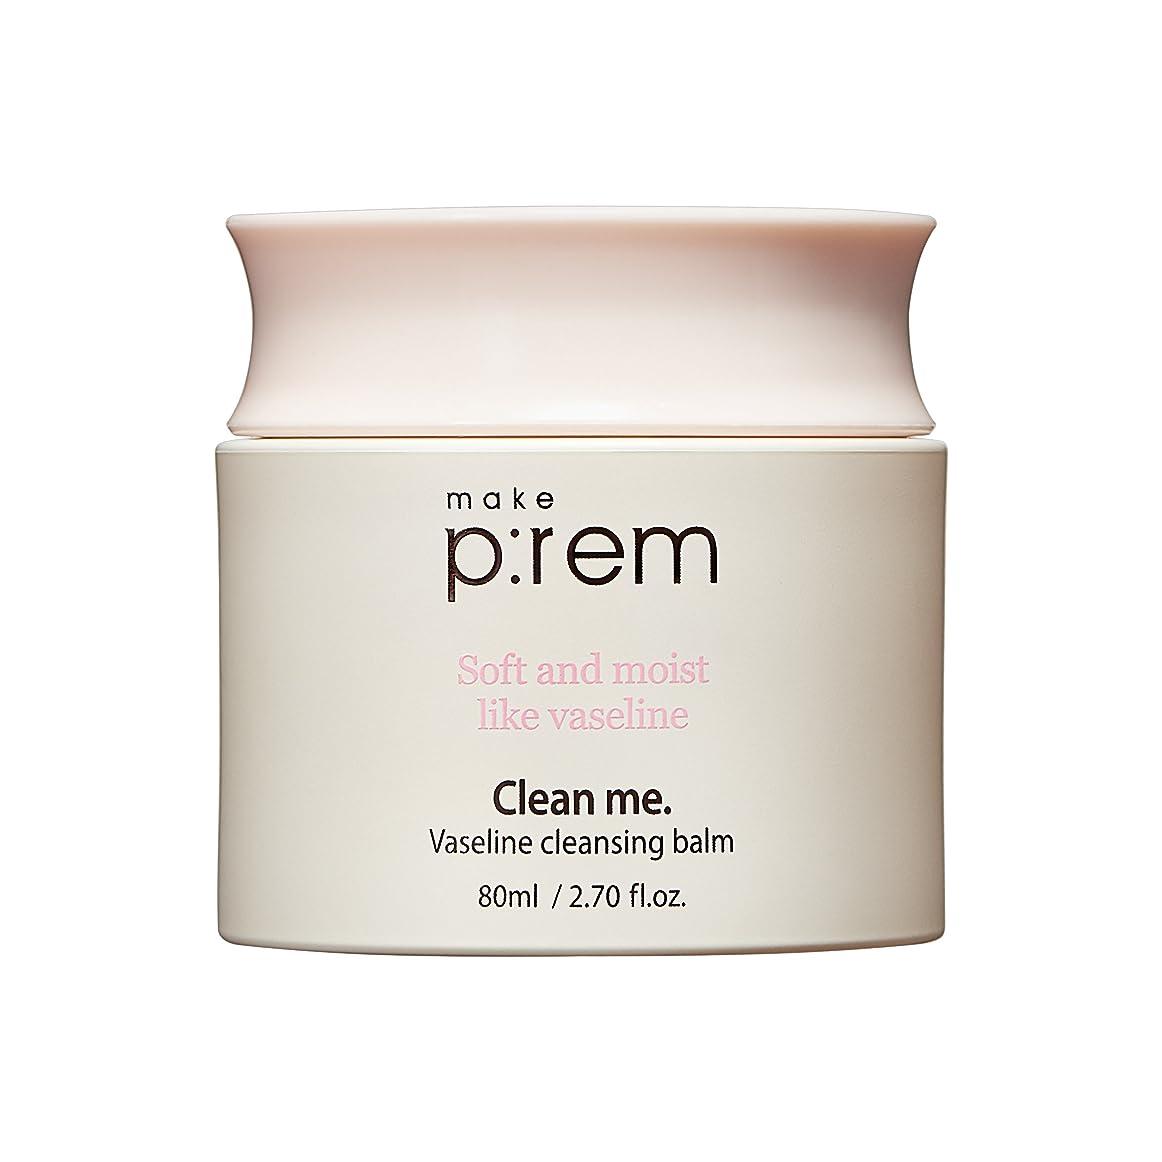 ブロック課す熱心な[MAKE P:REM] clean me ワセリン クレンジング バーム Vaseline cleansing balm 80ml / 韓国コスメ, 韓国直送品